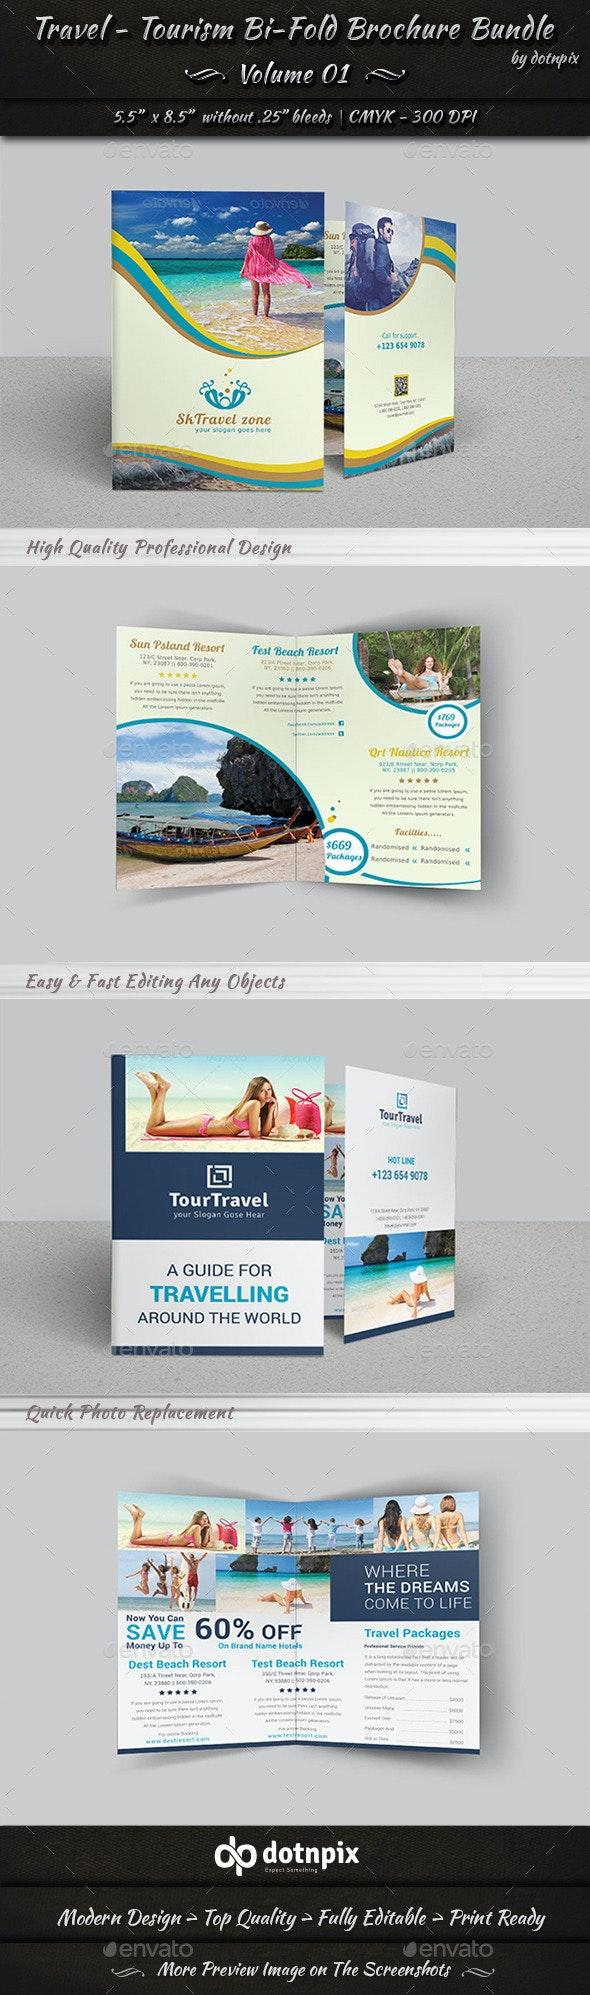 Travel / Tourism Bi-Fold Brochure Bundle   v1 - Corporate Brochures